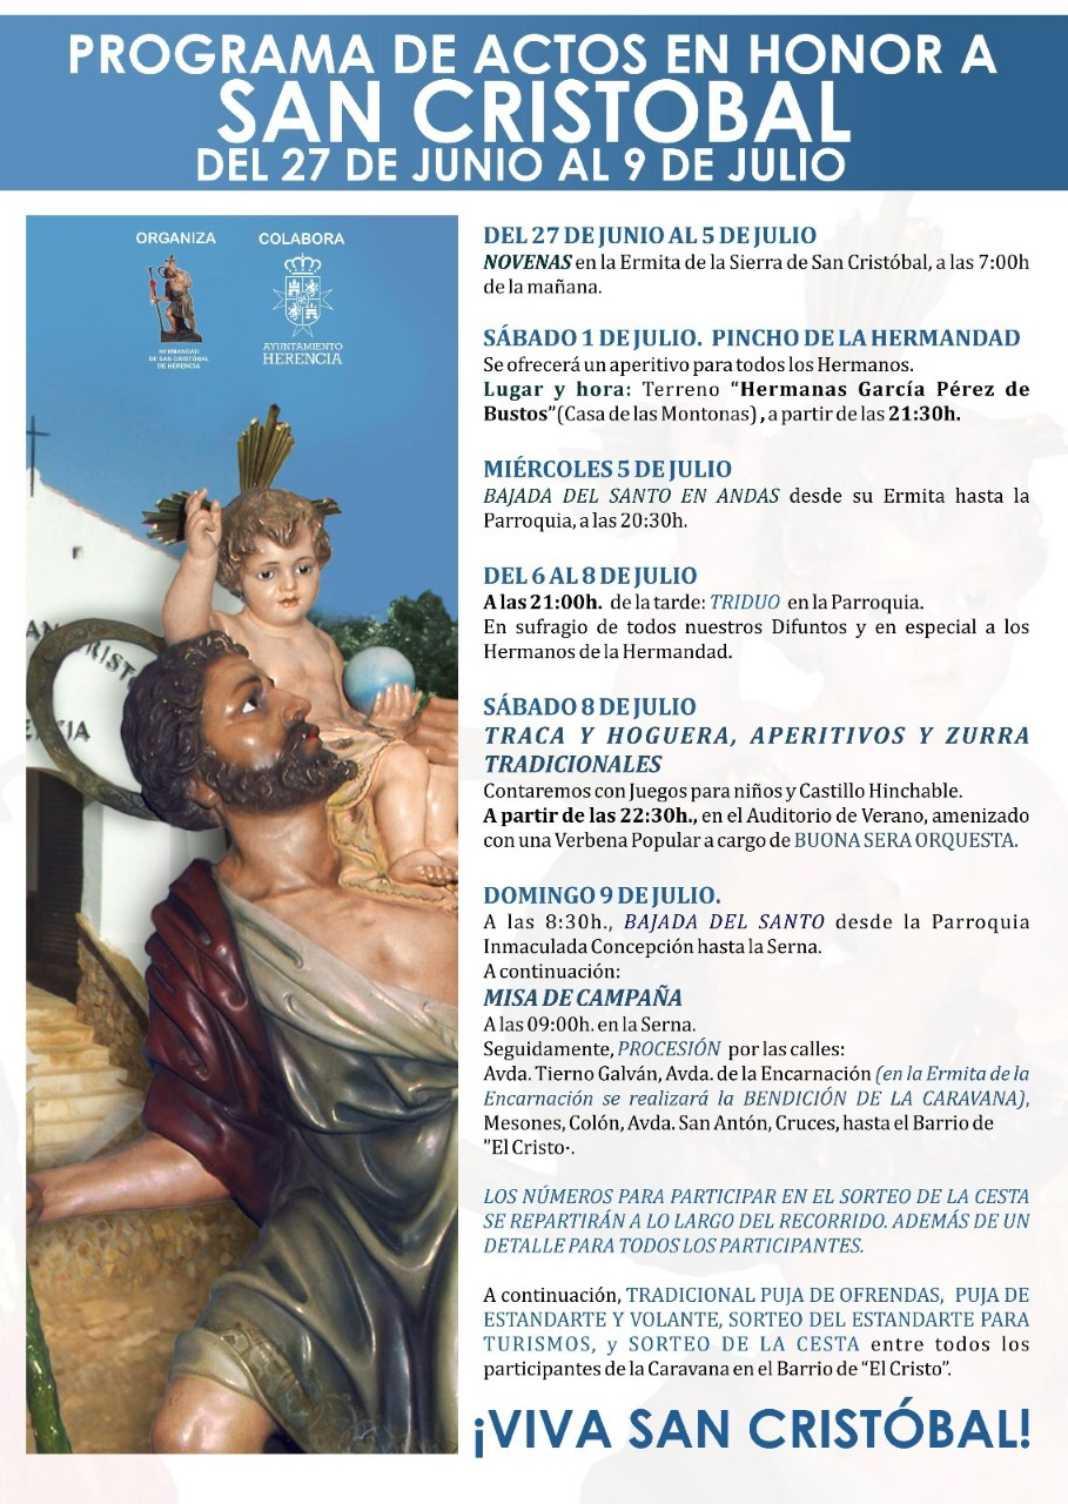 Programa de actos en honor a San Cristobal 2